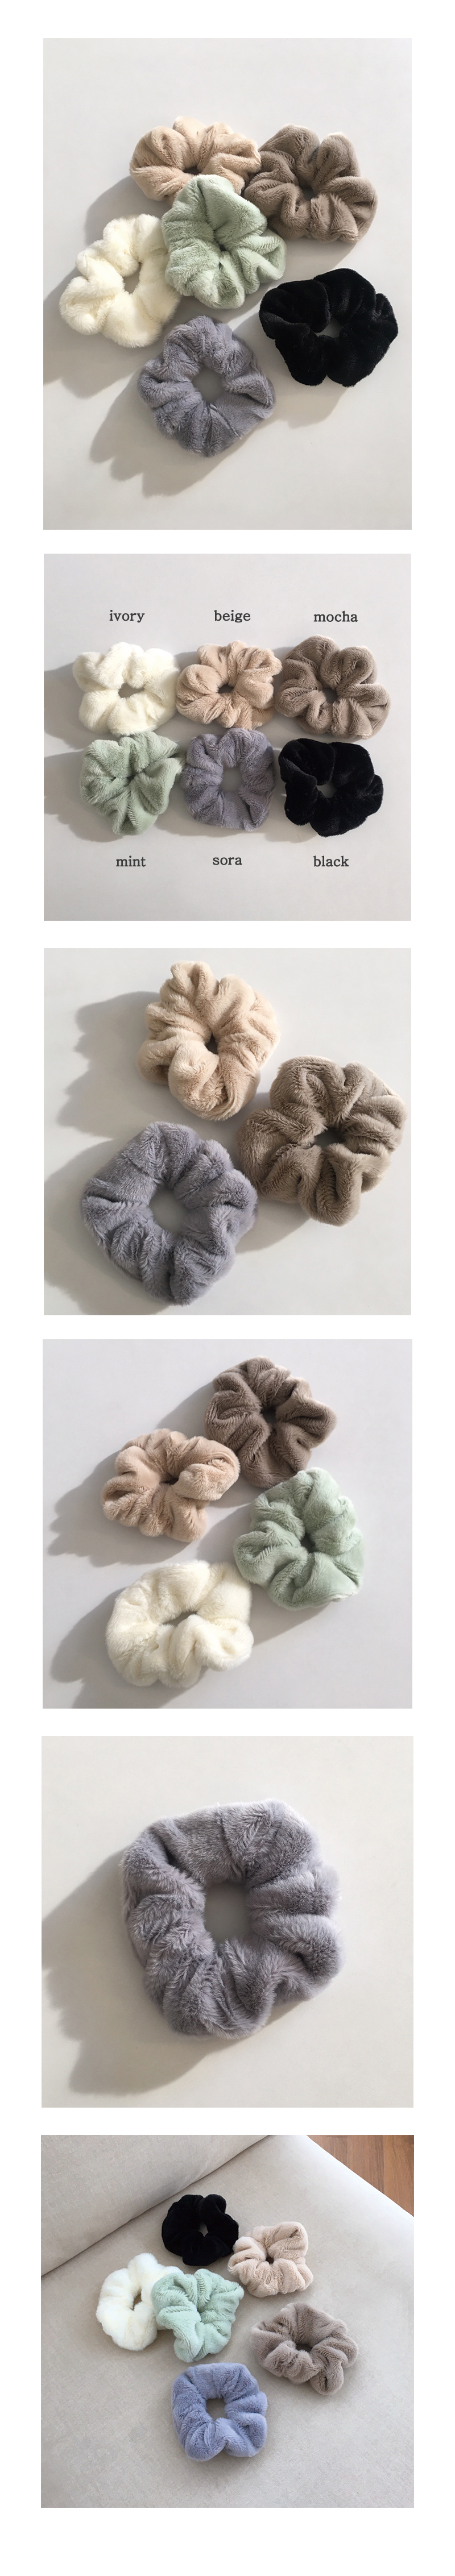 winter scrunchie